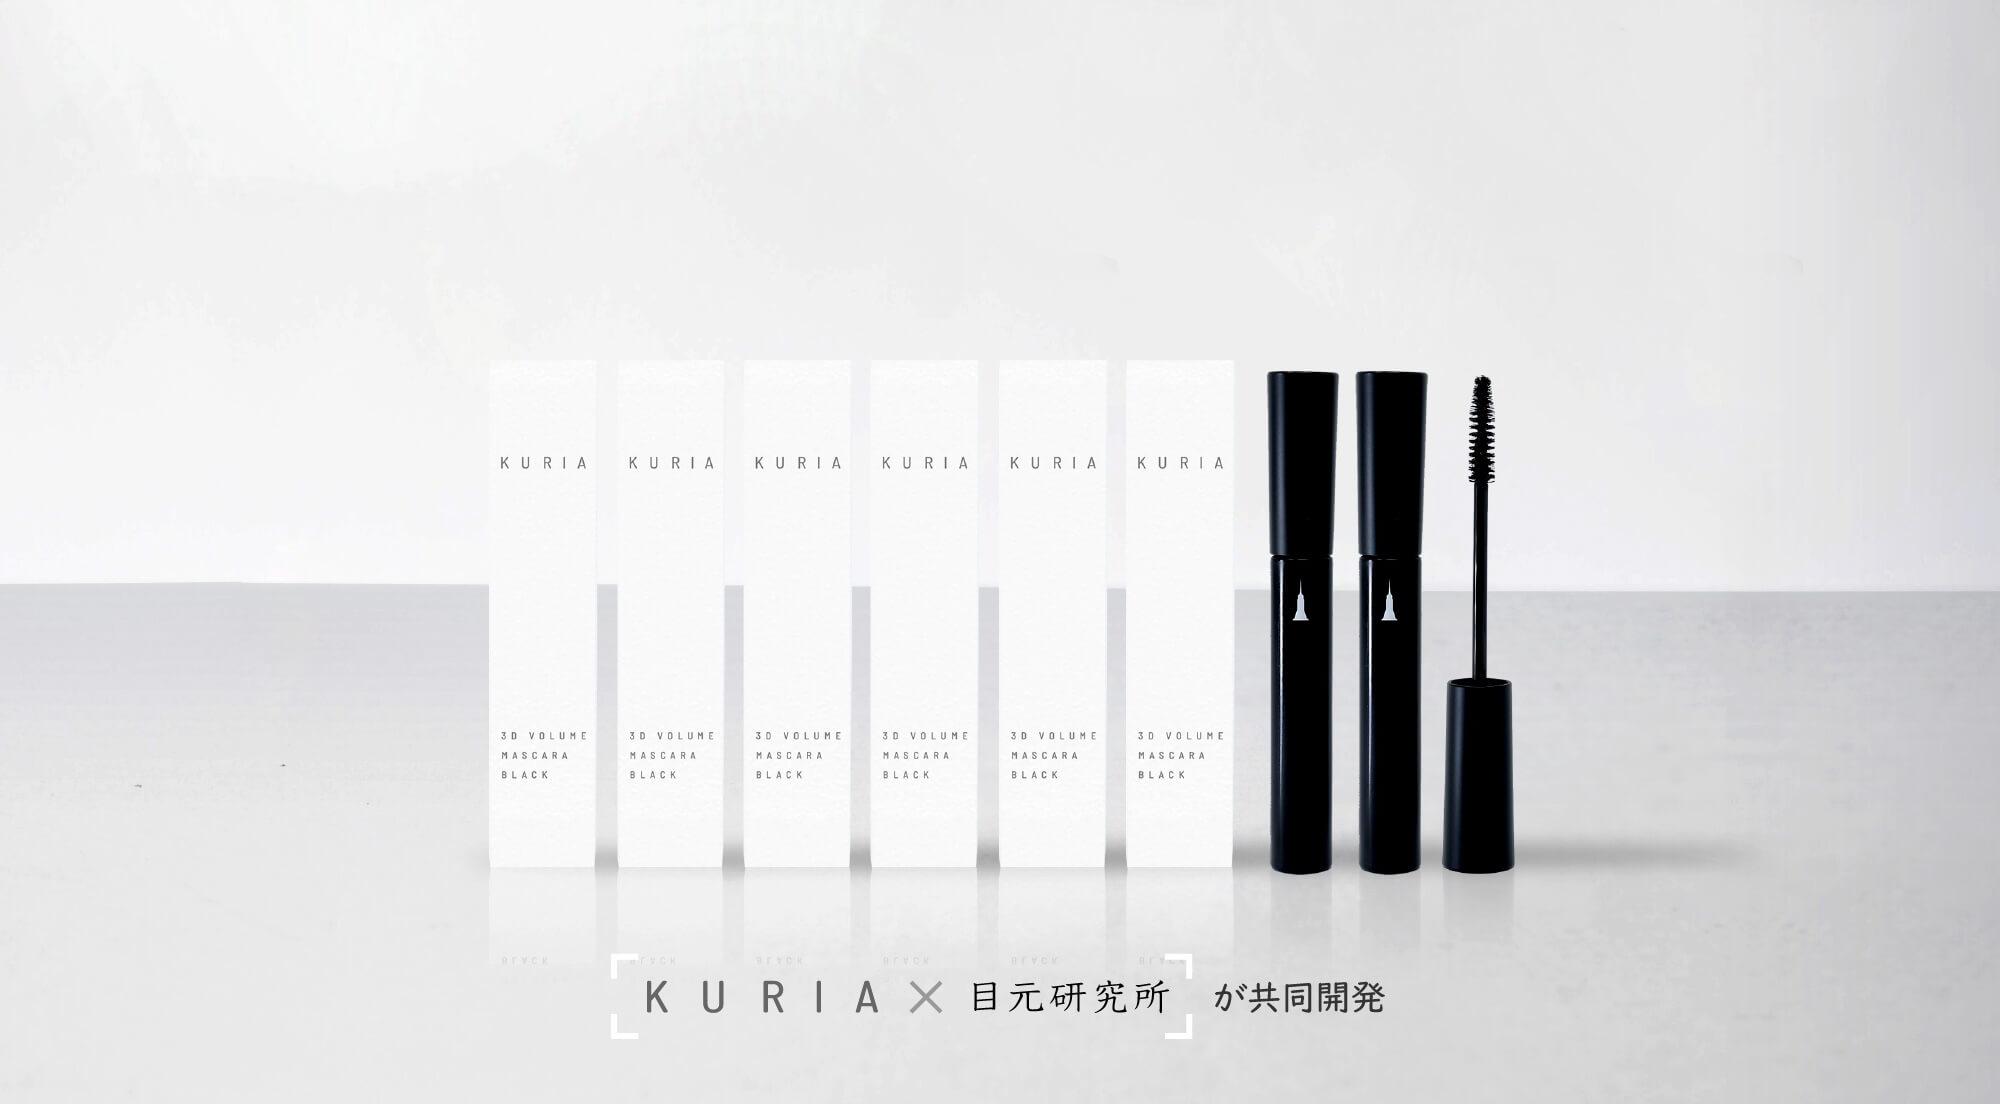 KURIA×目元研究所が共同開発